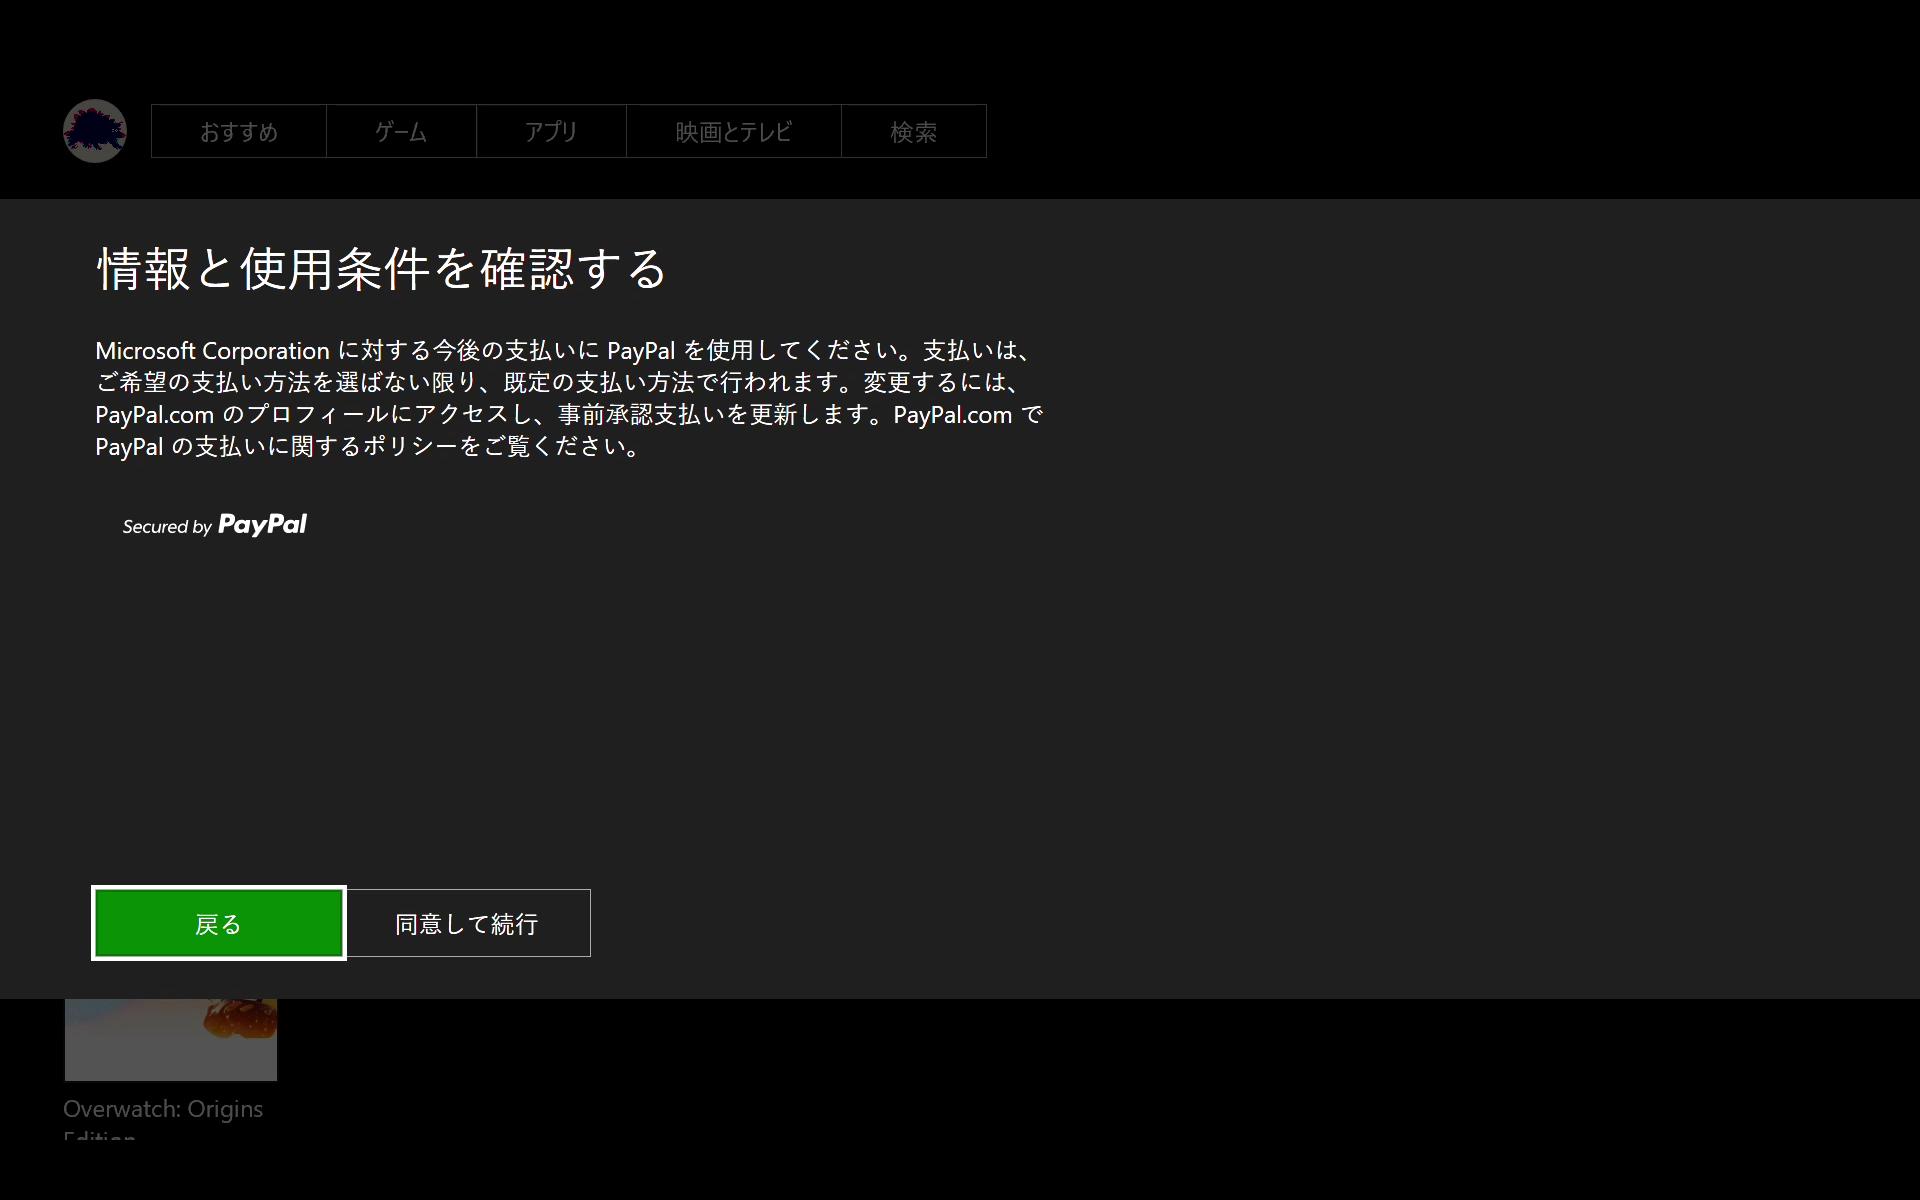 Xbox 2016_08_09 22_18_30